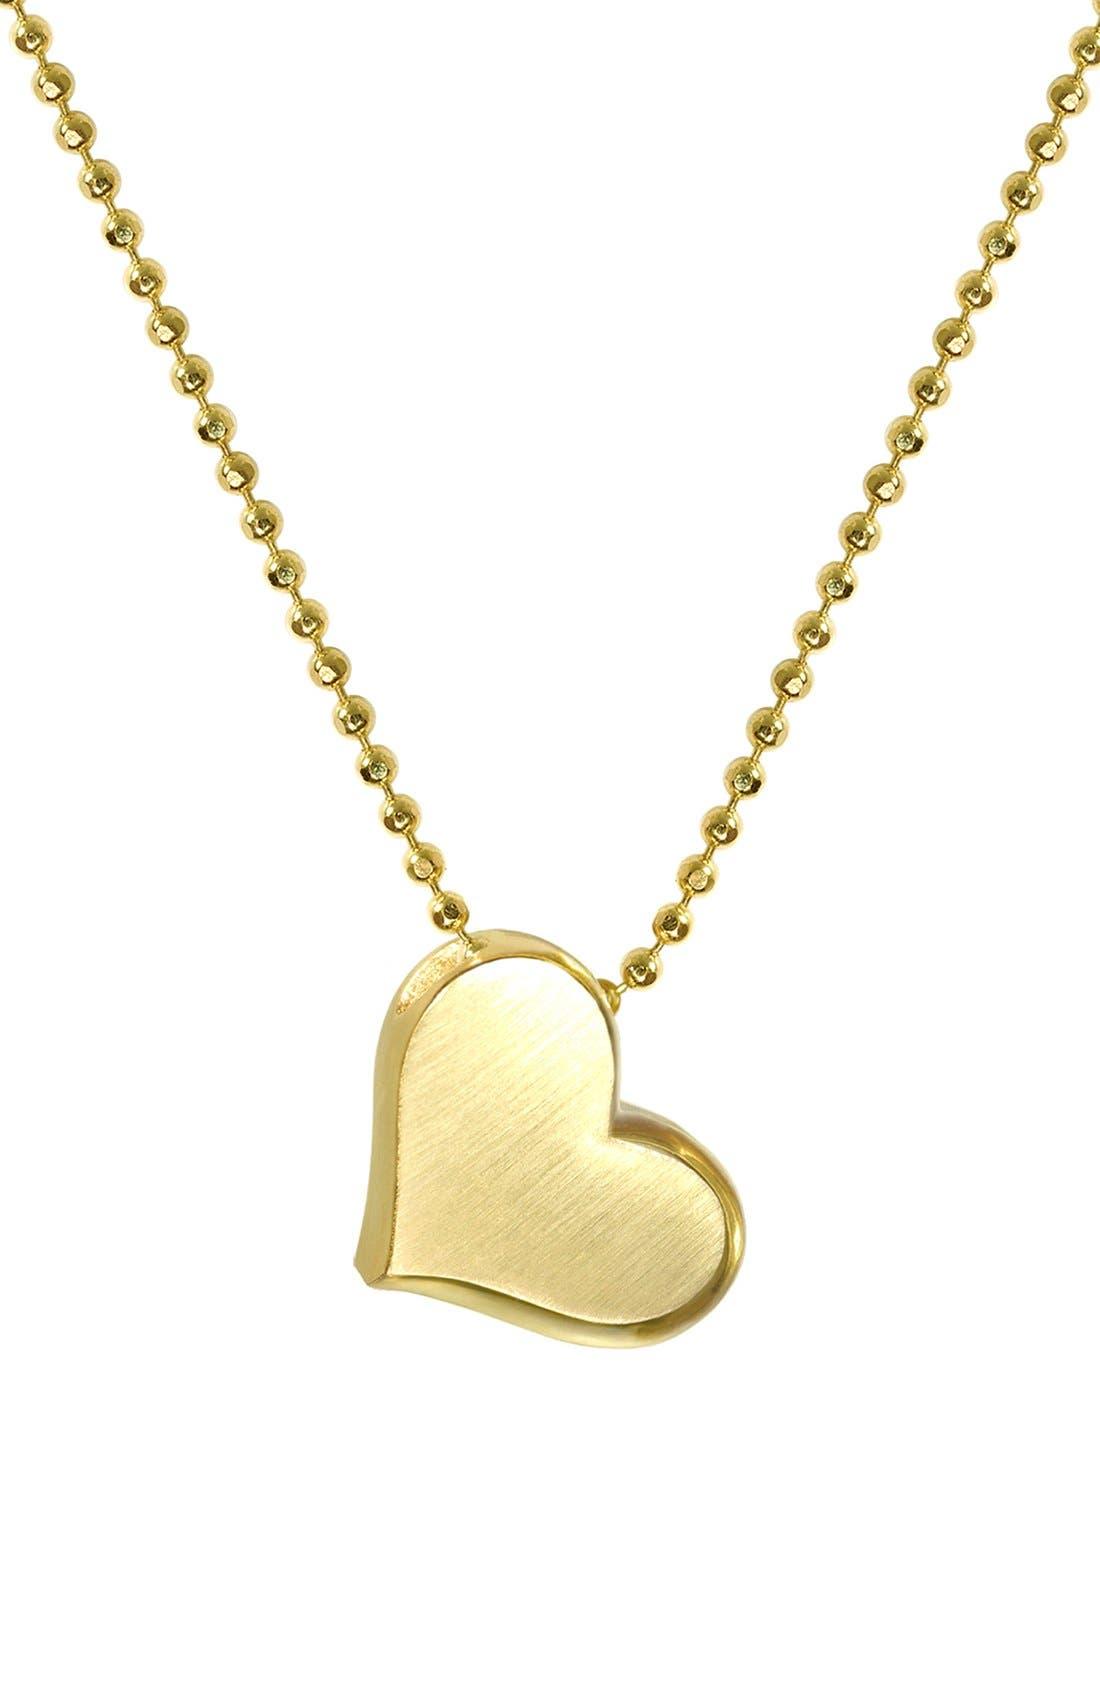 Main Image - Alex Woo 'Little Princess' Heart Pendant Necklace